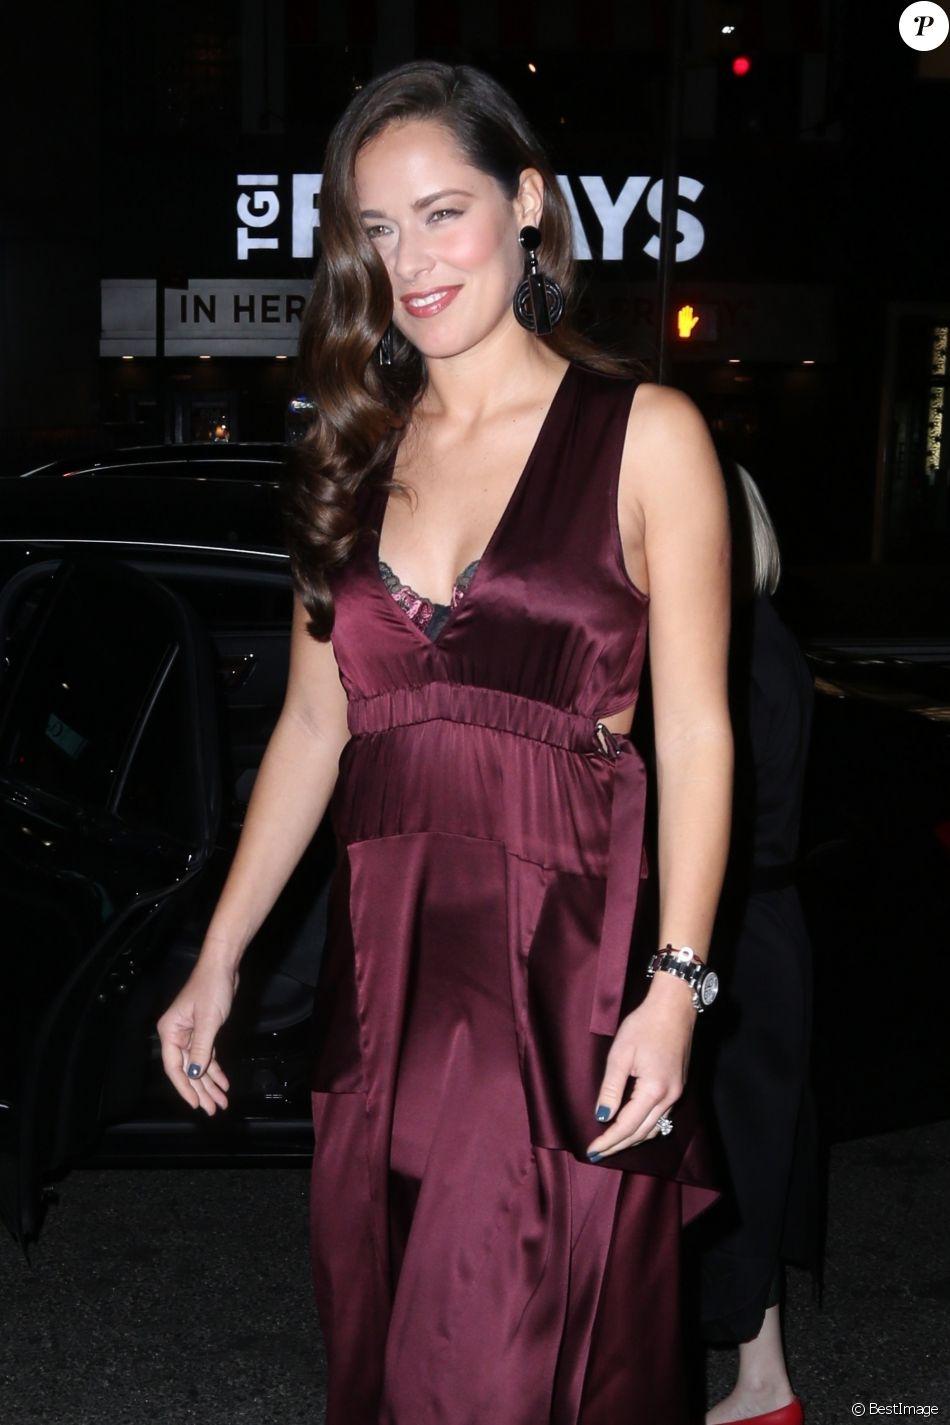 Ana Ivanovic - Les célébrités arrivent à la soirée d'ouverture du Intimissimi à New York, le 18 octobre 2017.